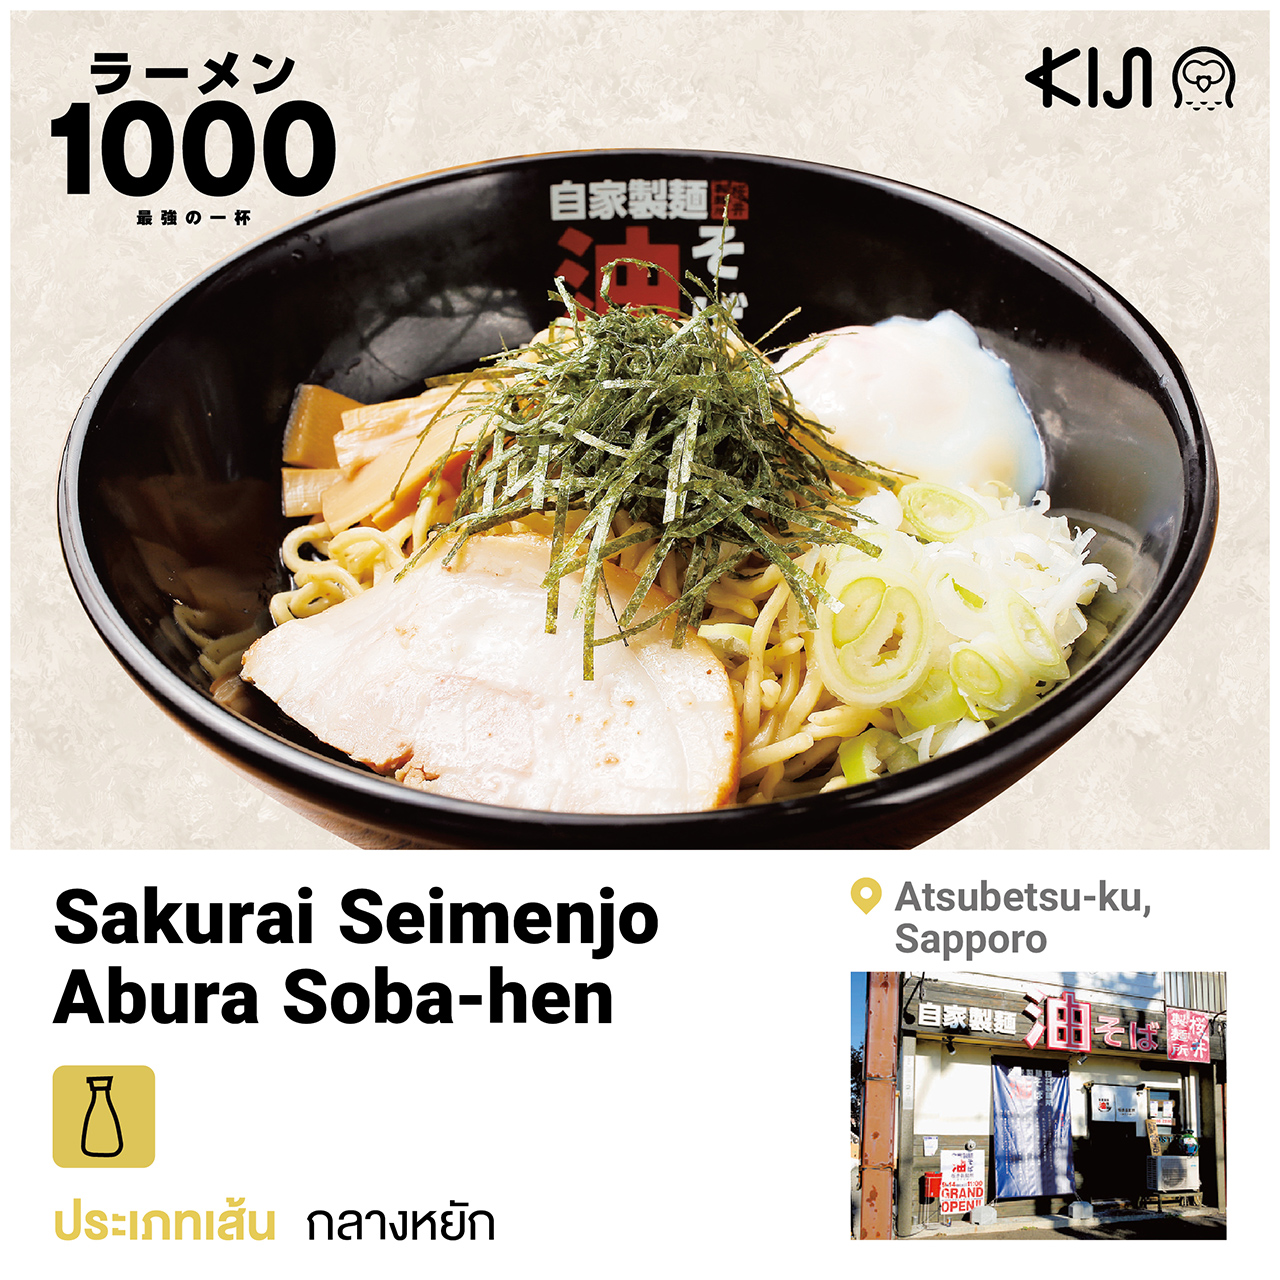 ร้านราเมนในฮอกไกโด - Sakurai Seimenjo Abura Soba-hen